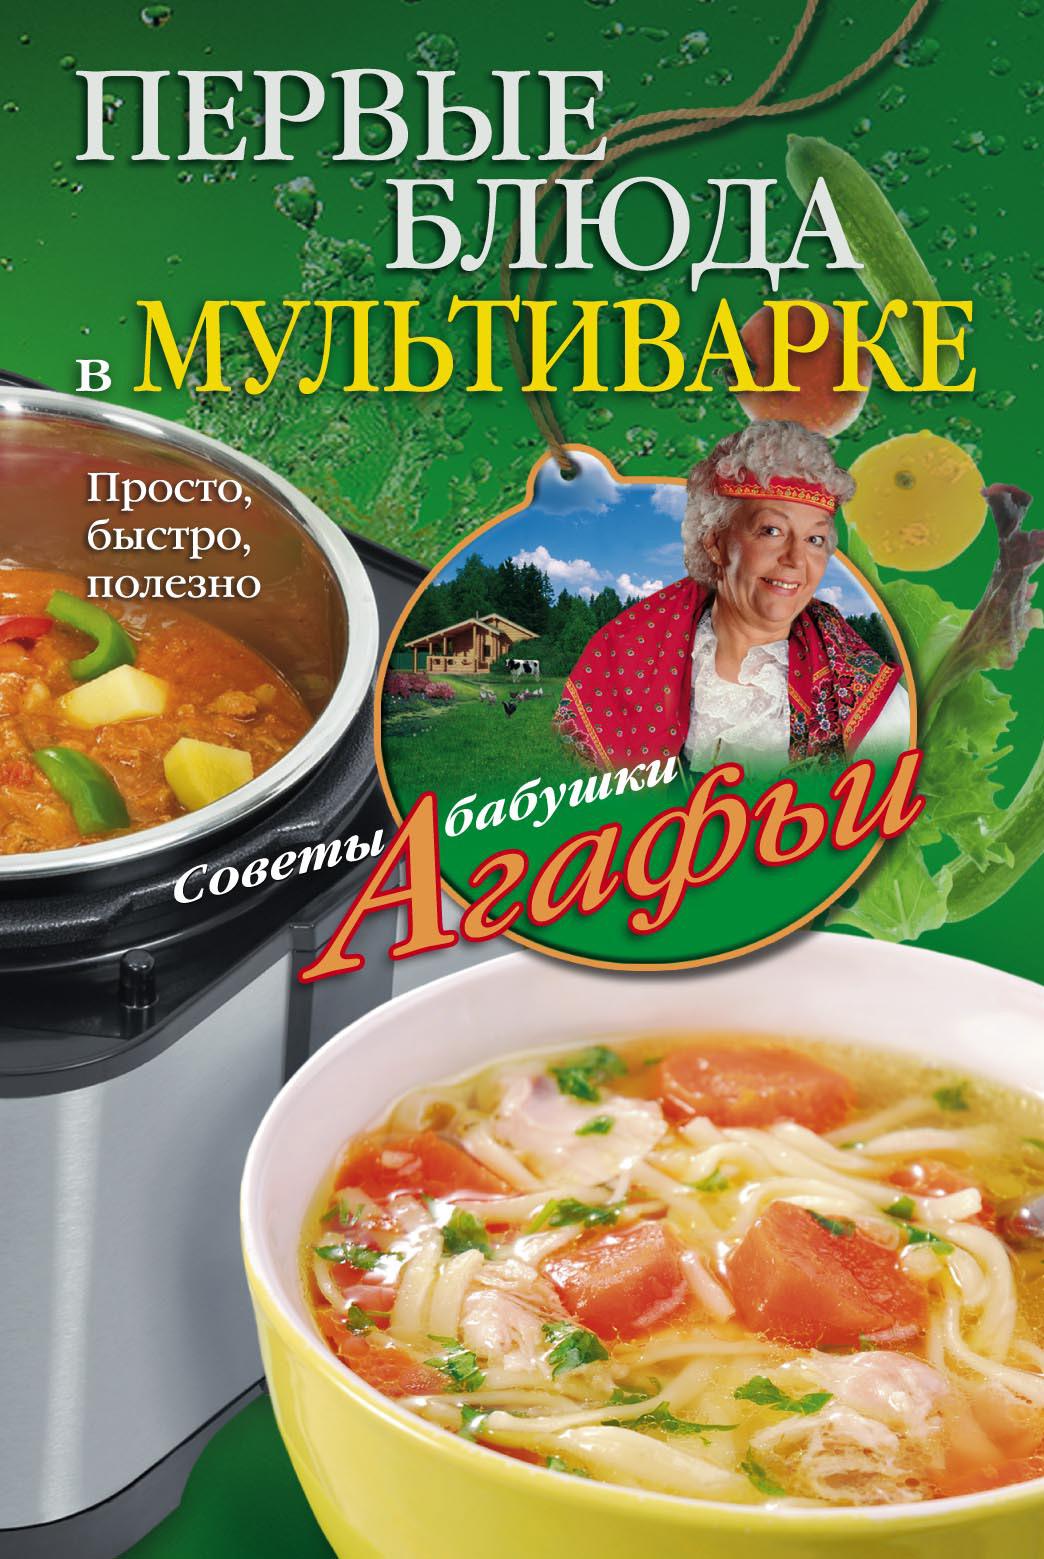 Агафья Звонарева Первые блюда в мультиварке. Просто, быстро, полезно агафья звонарева вкусные и полезные блюда из молочных продуктов для взрослых и малышей